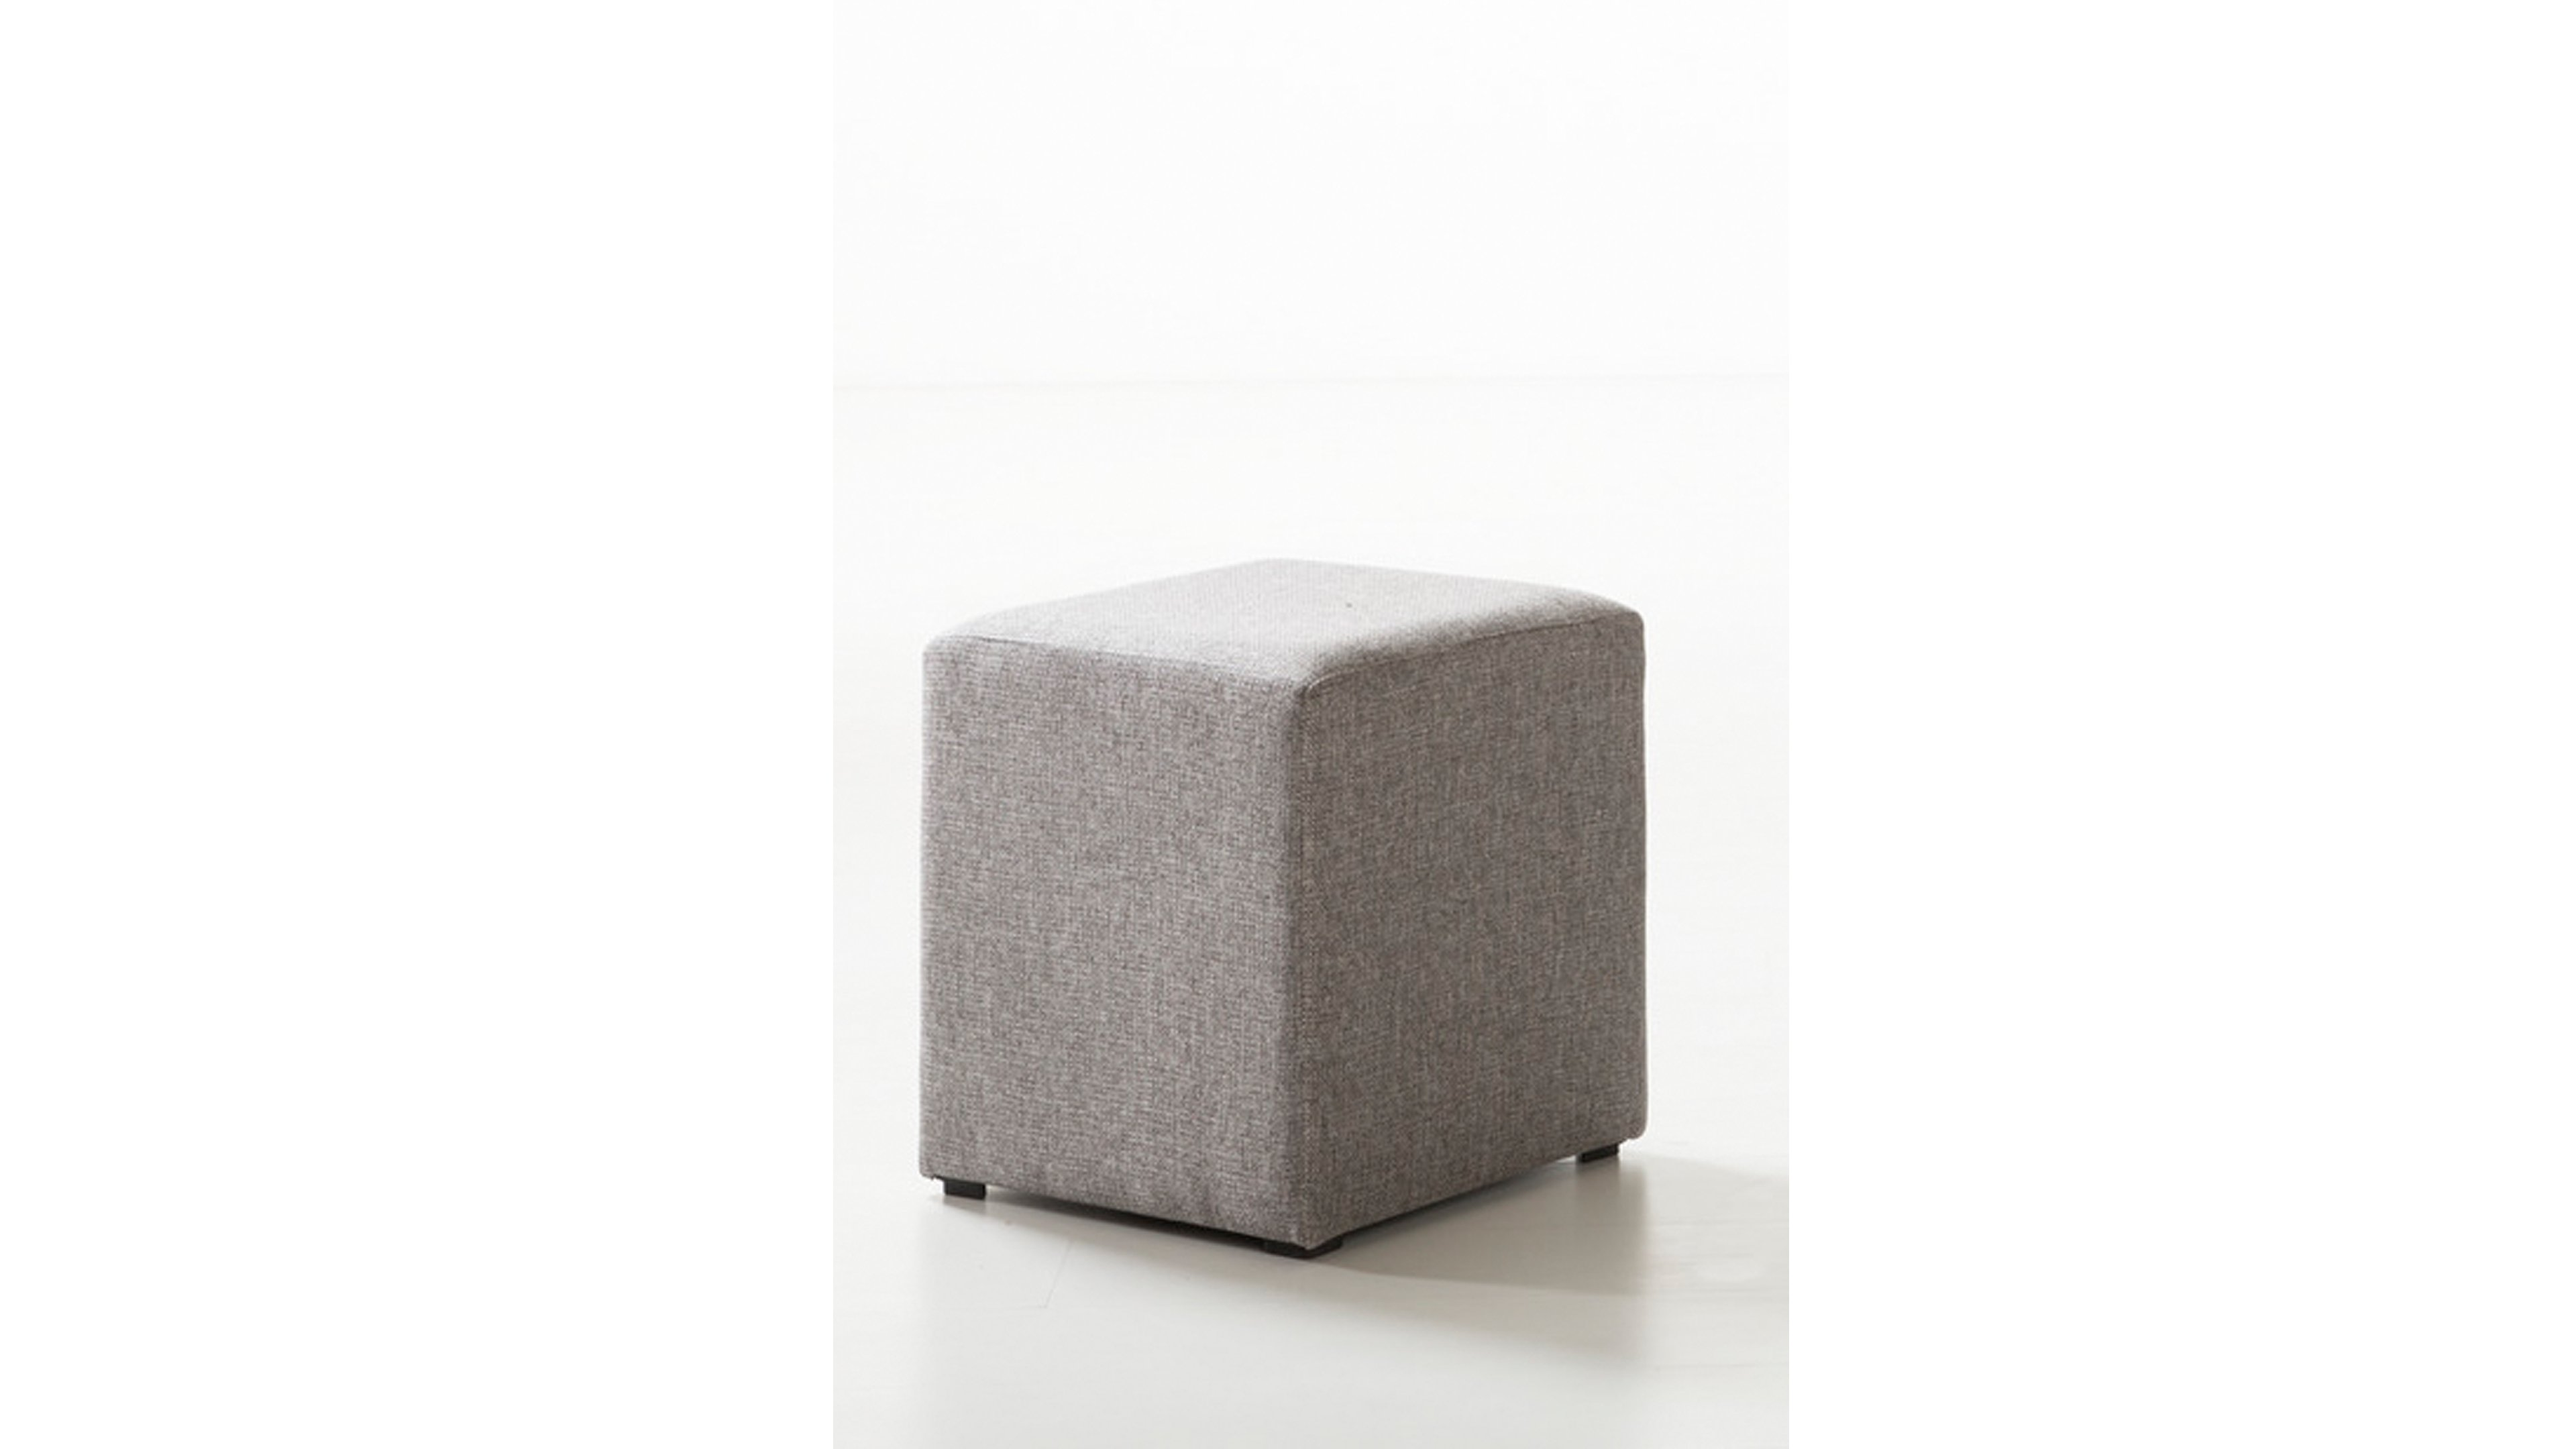 Hocker Torino Sessel Kunstfaser (Chemiefaser),Kunststoff/Polypropylen (PP),Stoff